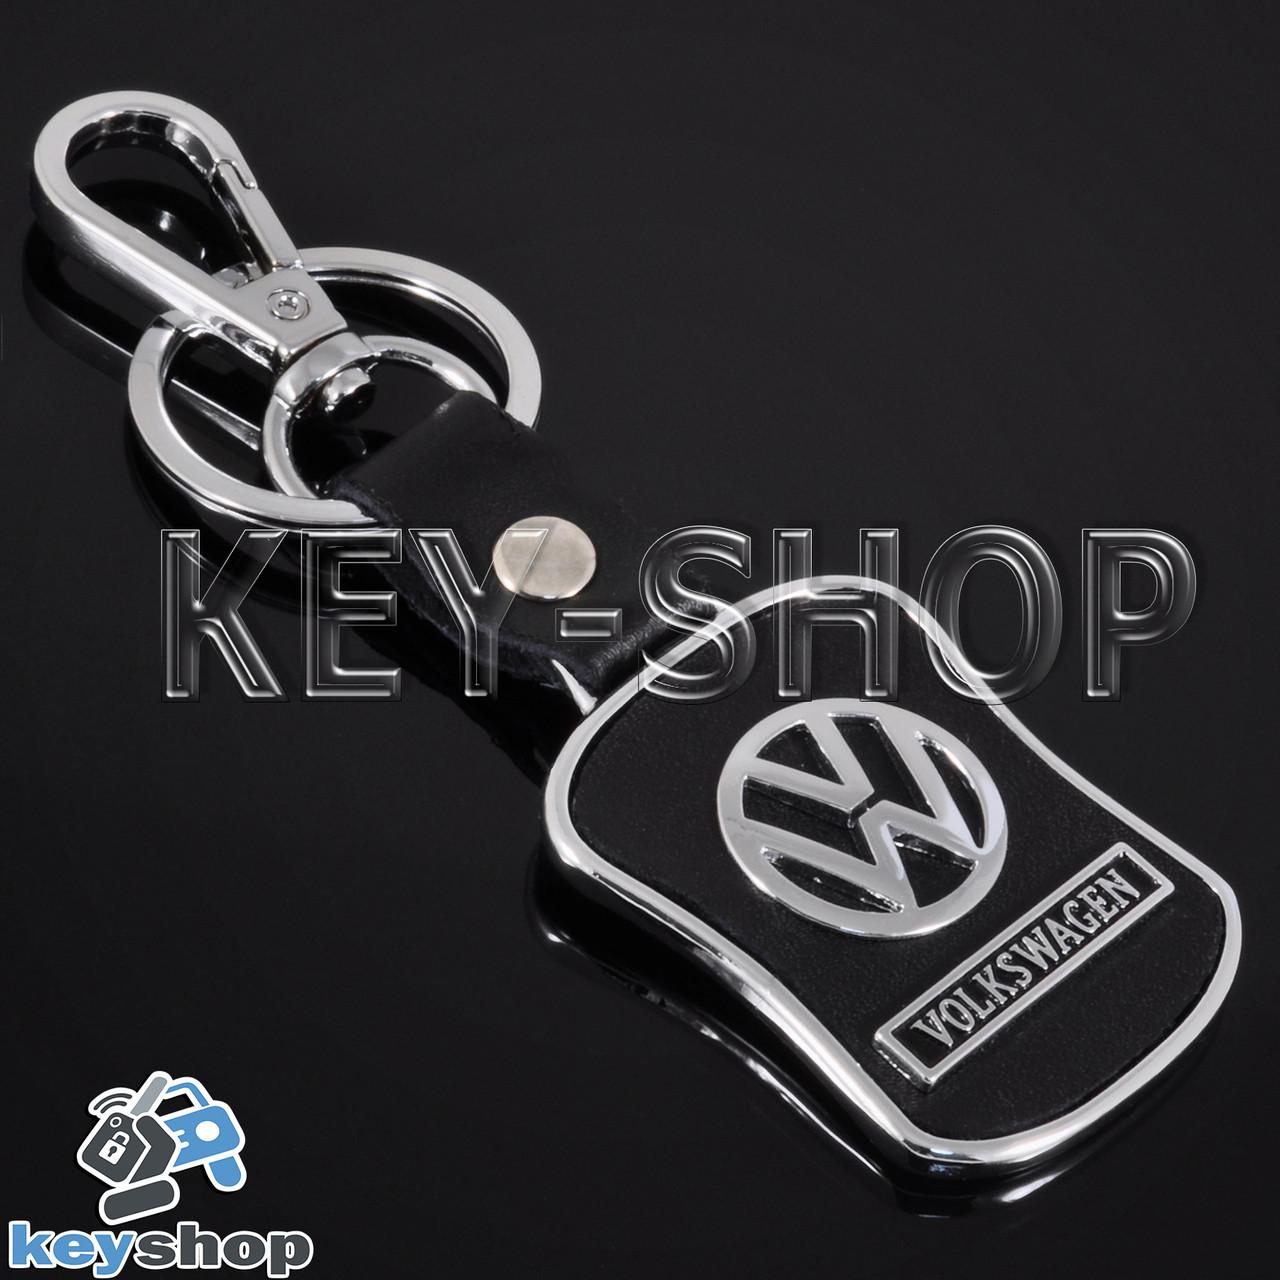 Брелок для авто ключей Volkswagen (Фольксваген) металлический, с кожаными вставками и карабином